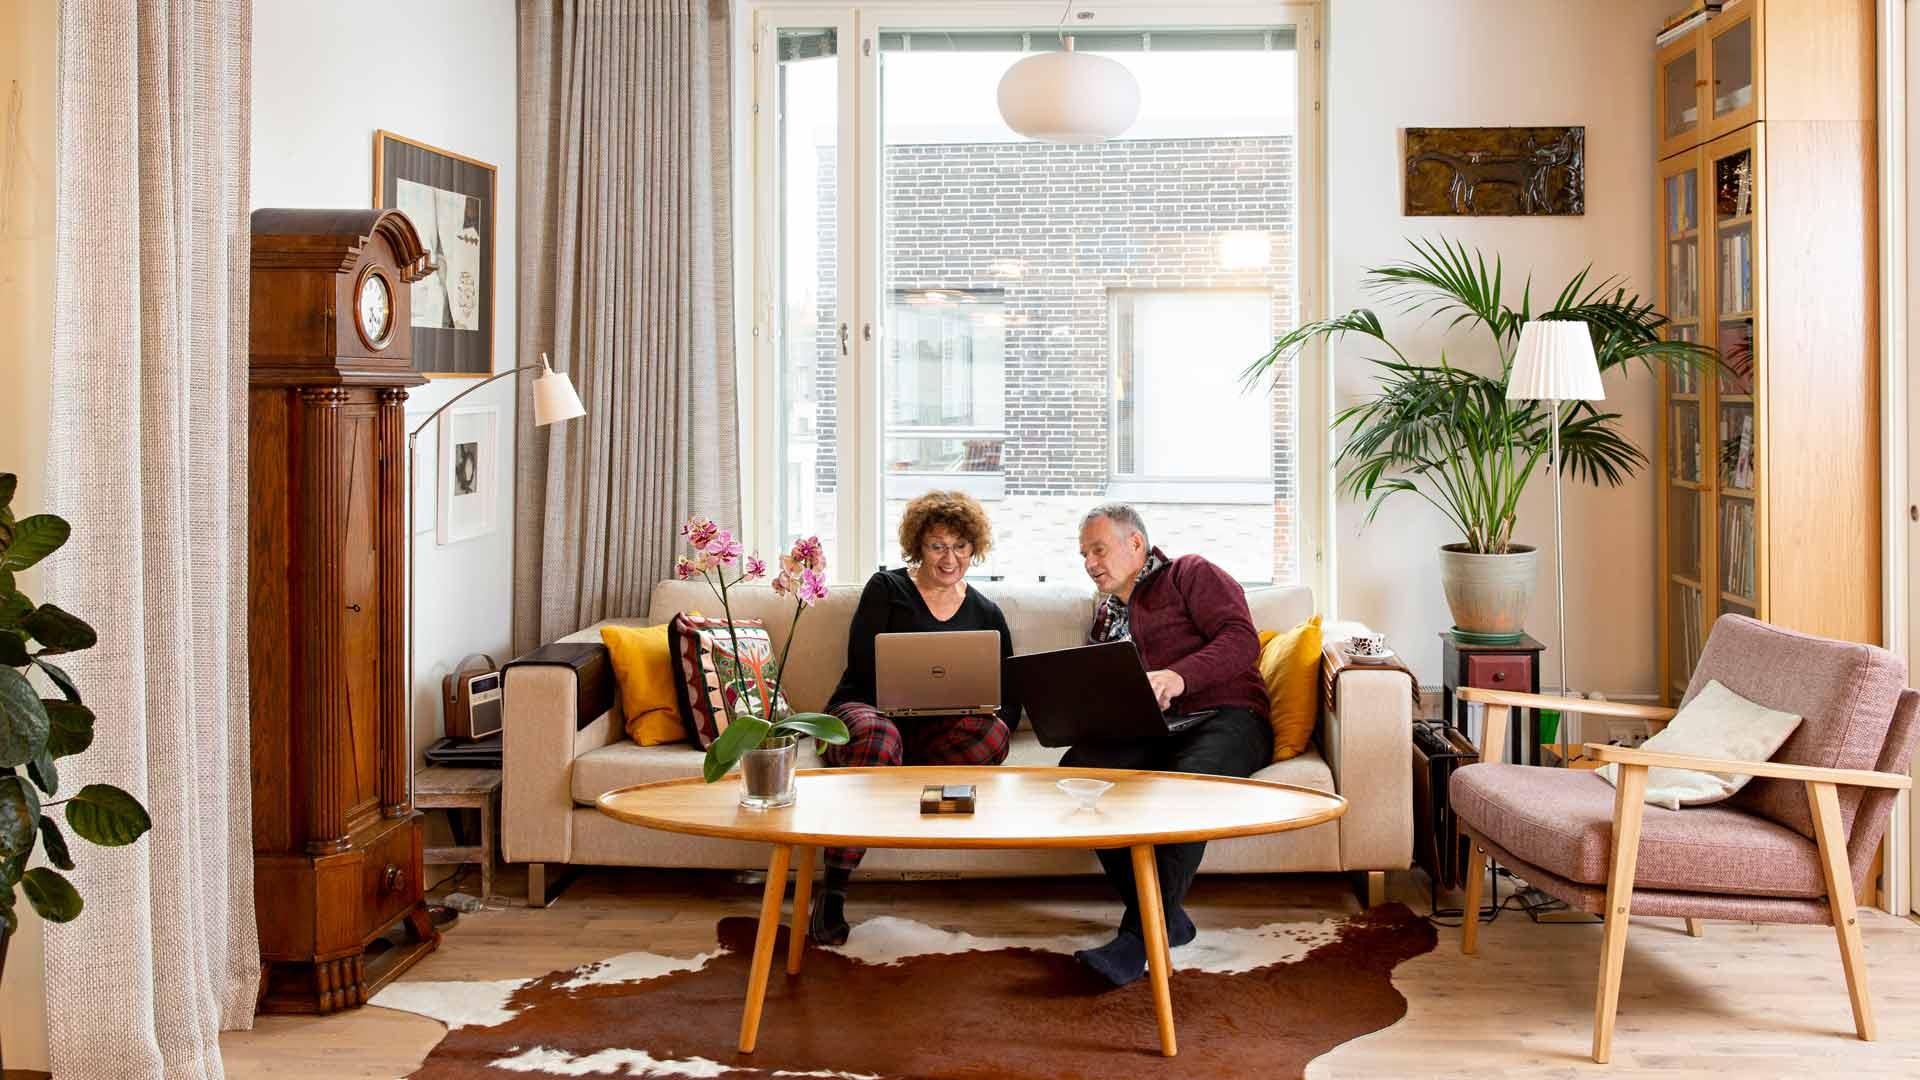 Olohuoneen sanomalehtikatsaus: Anneli ja Ari lukevat aamun sanomalehden aina läppäreiltään.